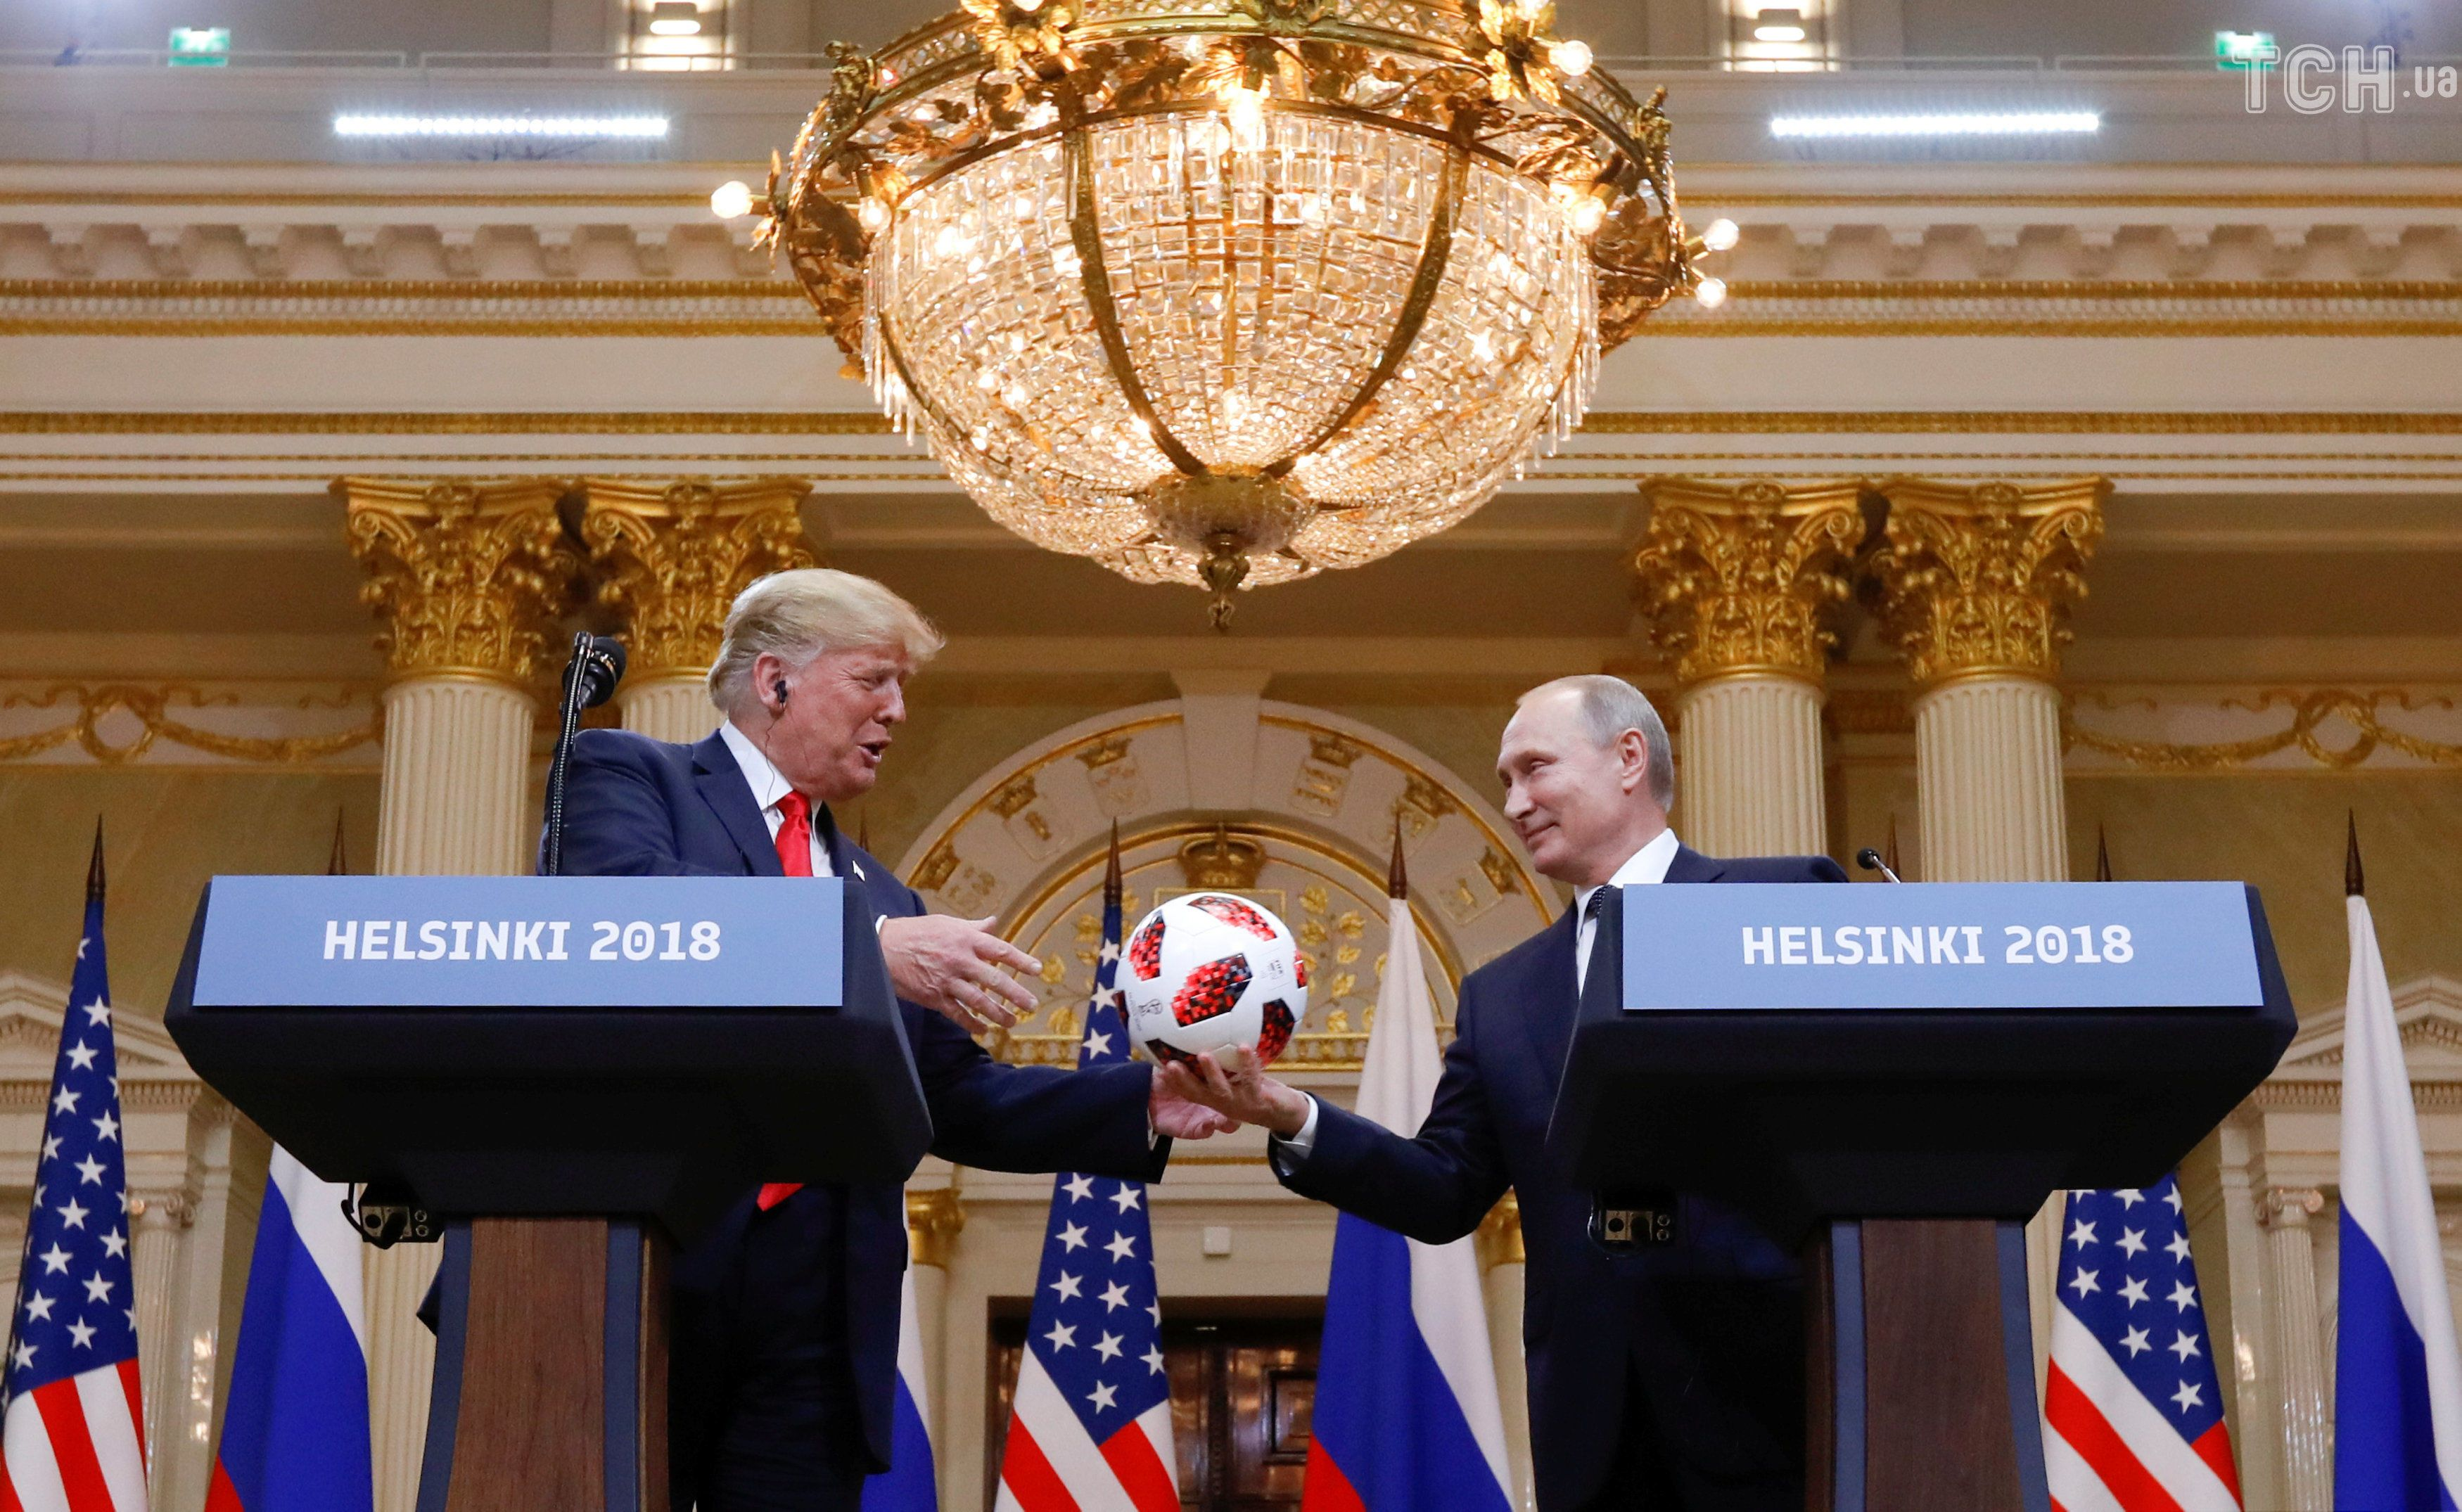 Путін подарував Трампу м'яч